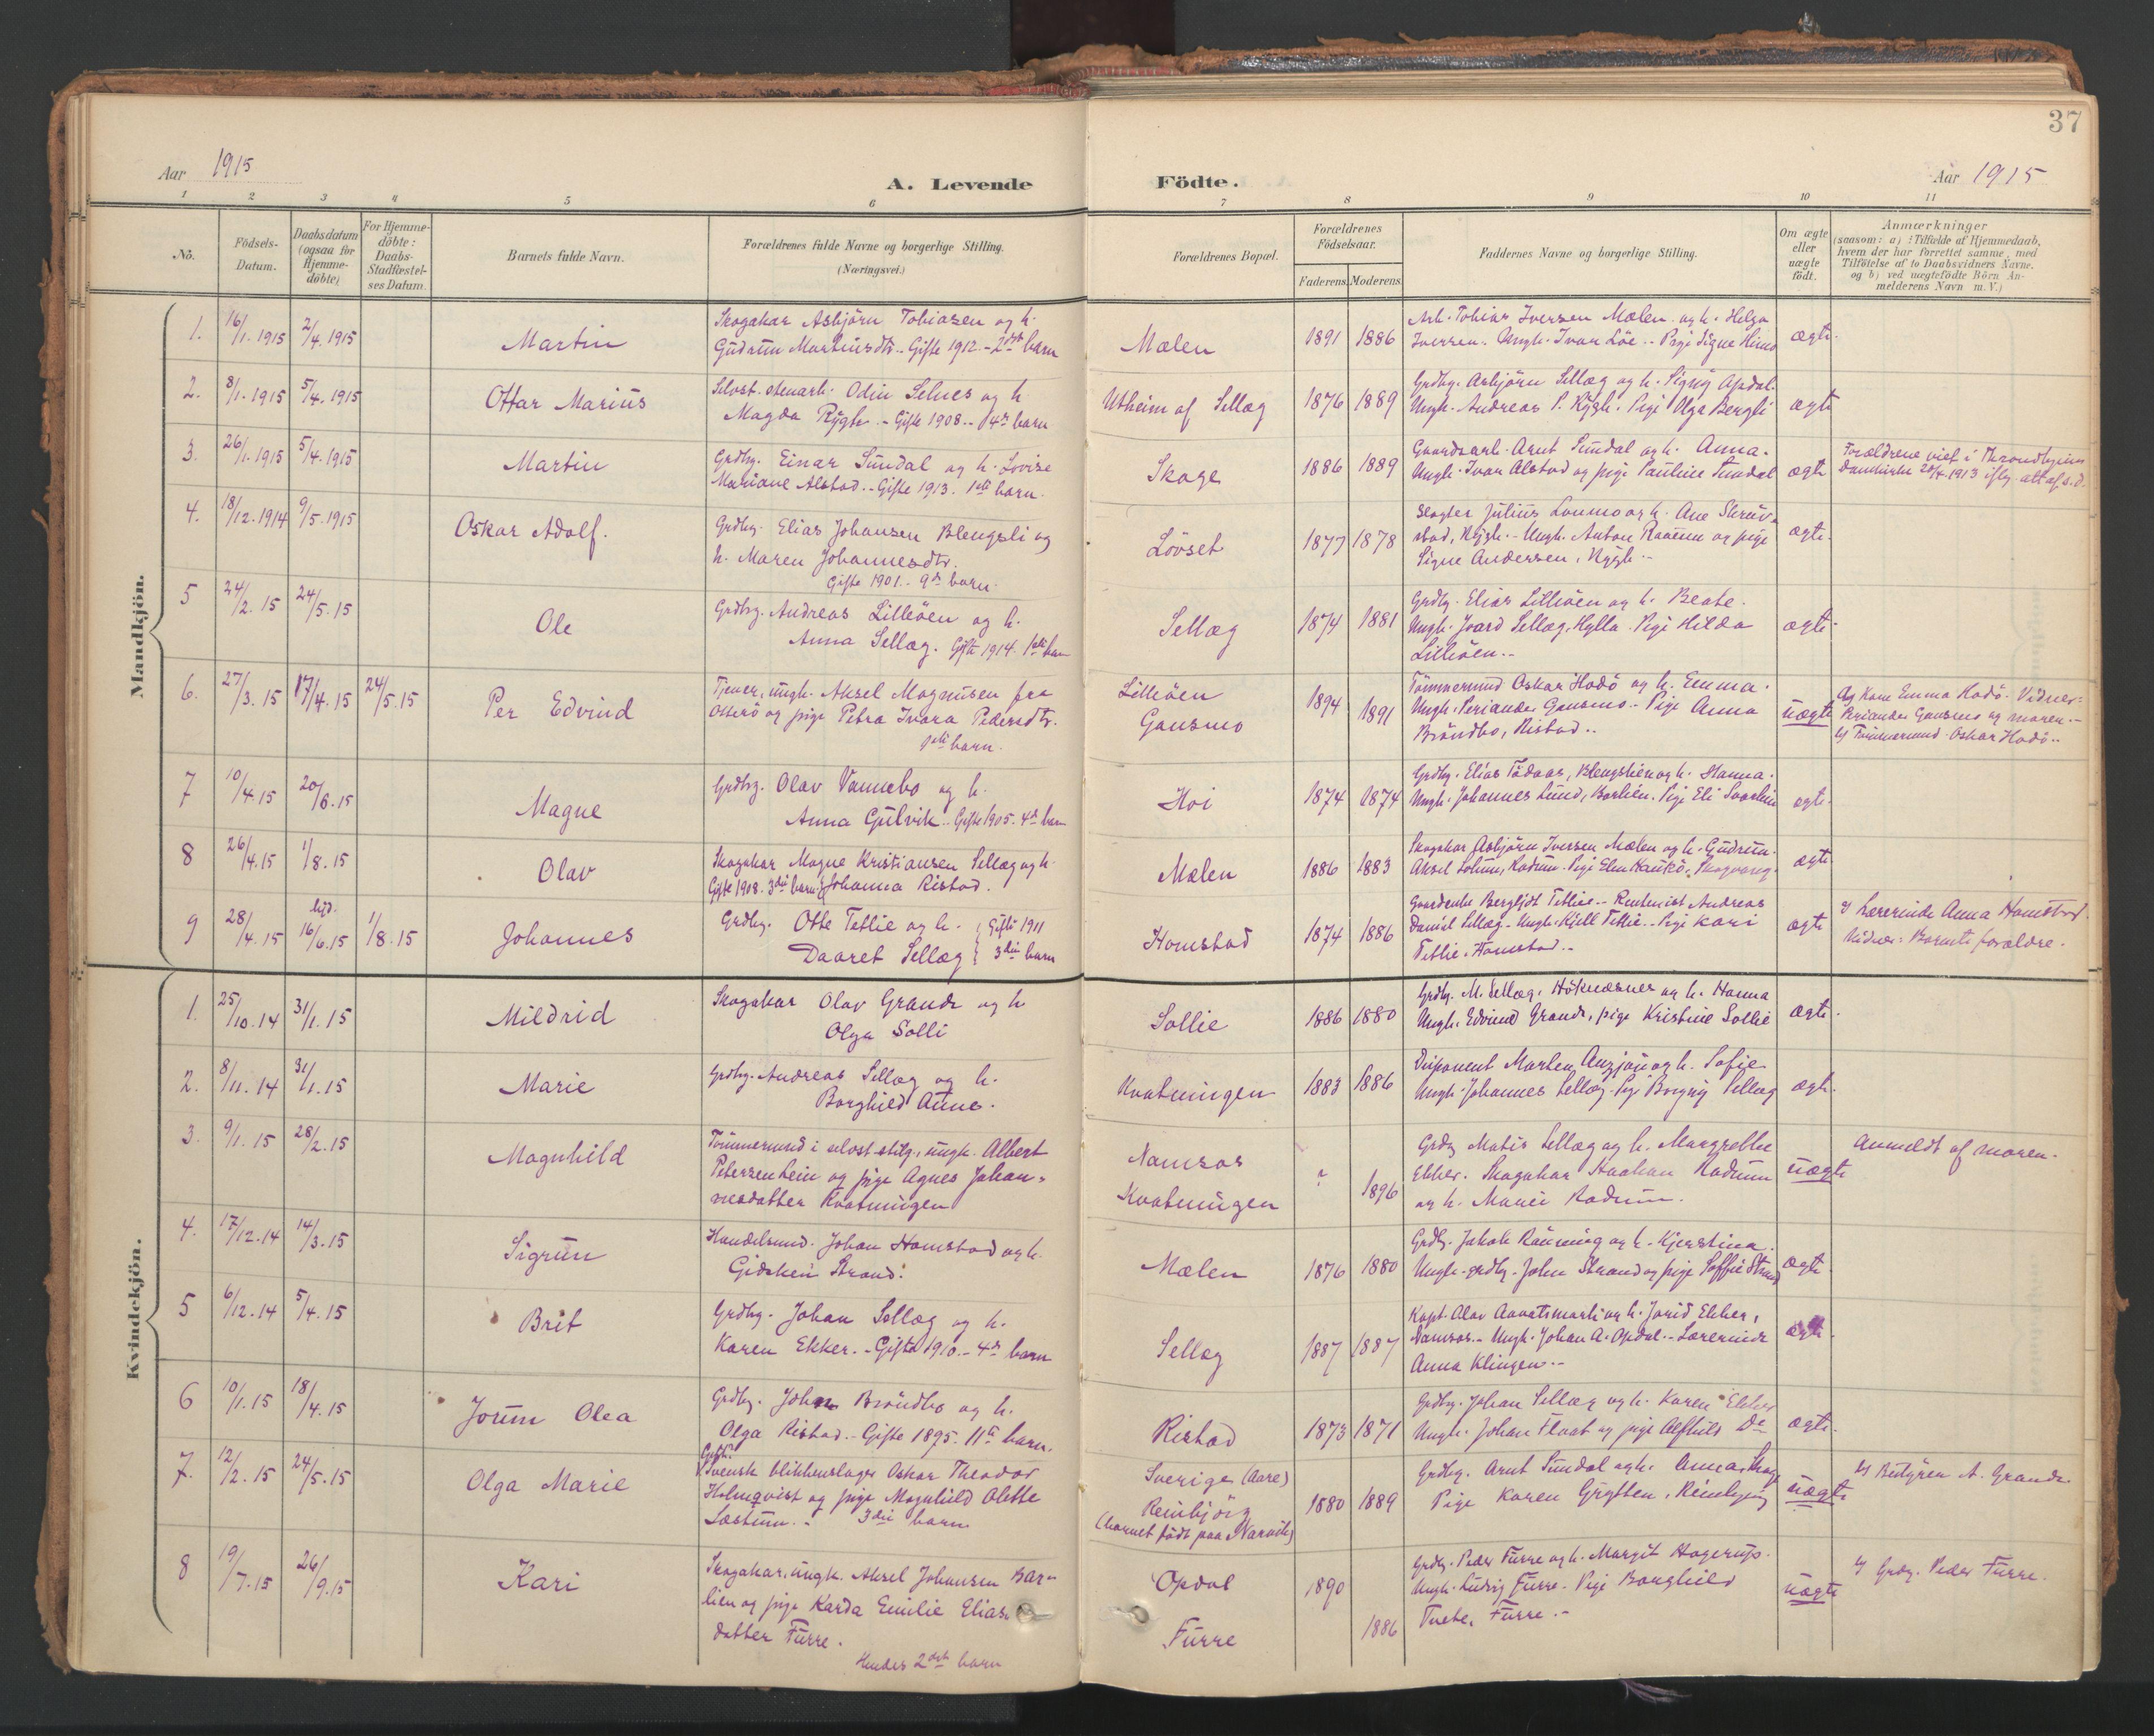 SAT, Ministerialprotokoller, klokkerbøker og fødselsregistre - Nord-Trøndelag, 766/L0564: Ministerialbok nr. 767A02, 1900-1932, s. 37